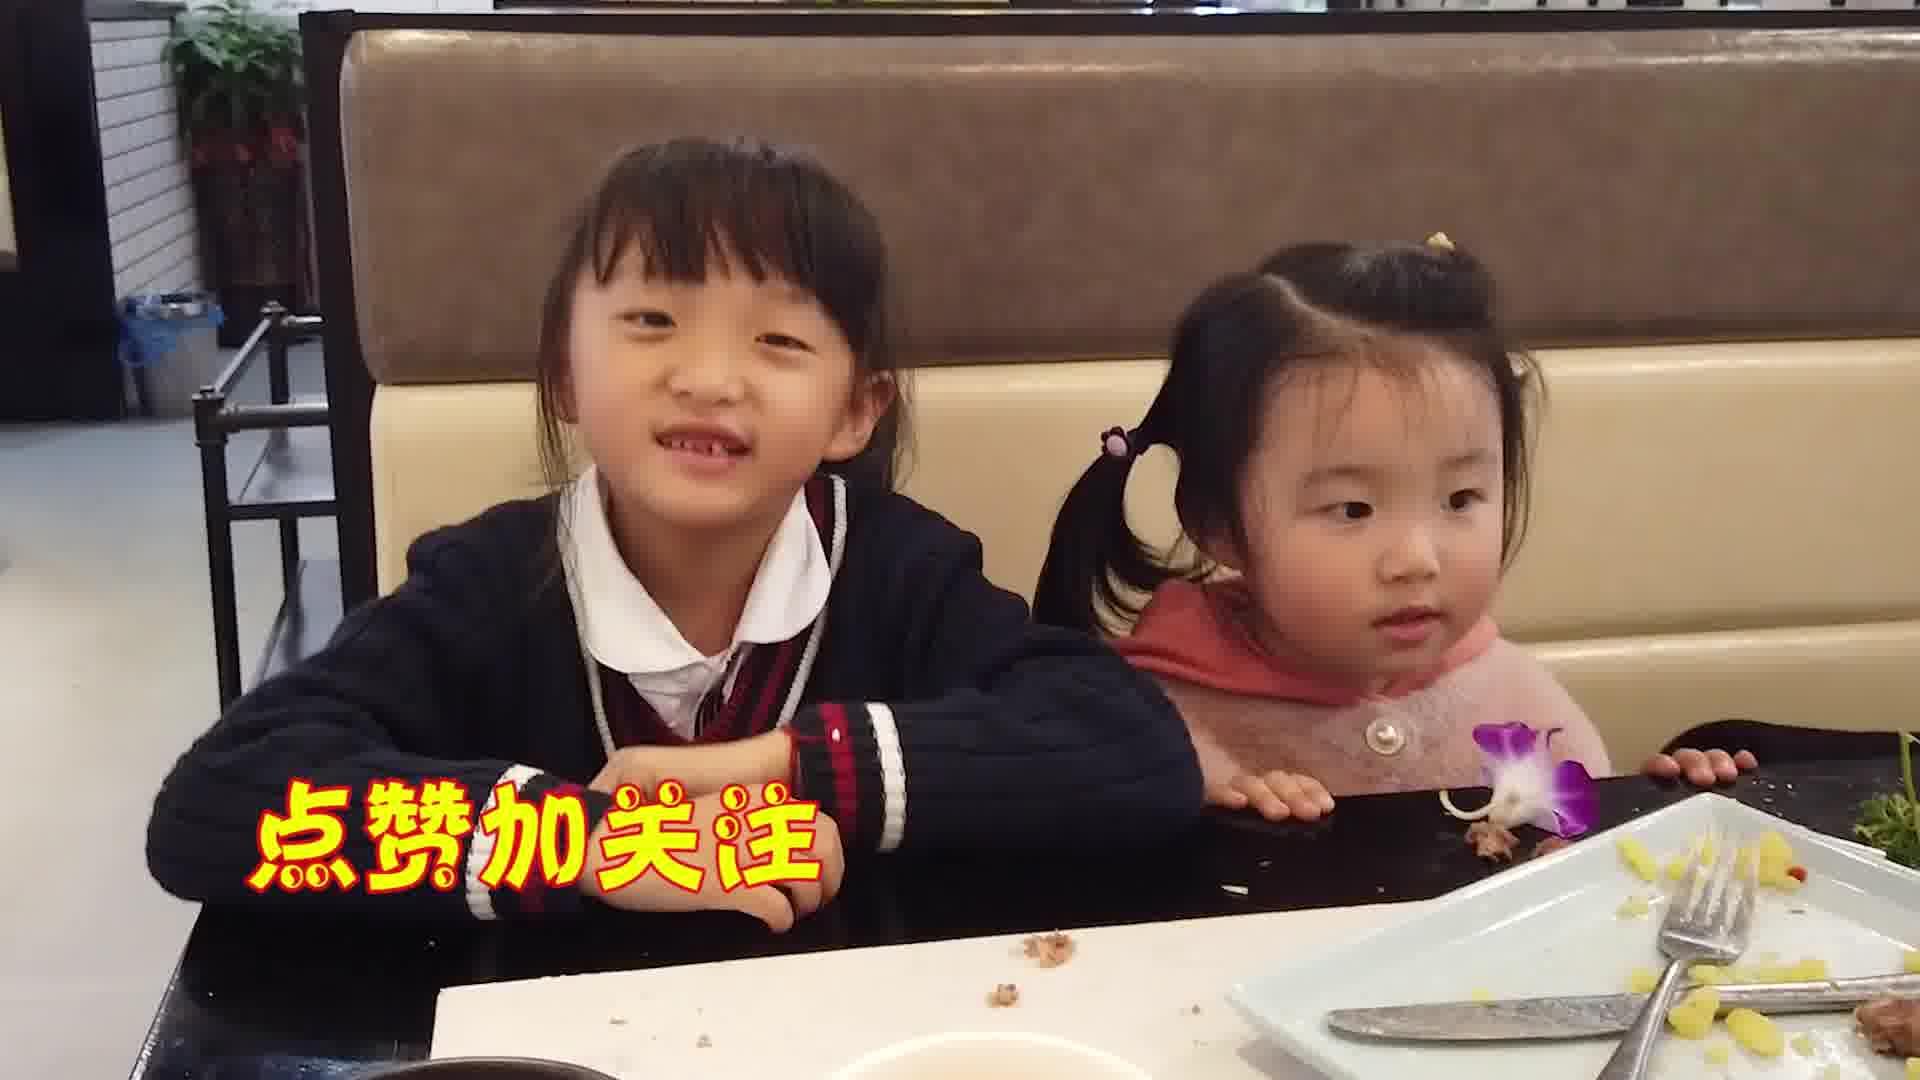 两萌娃吃火锅牛腩,一直吃个不停,爸妈心里美滋滋